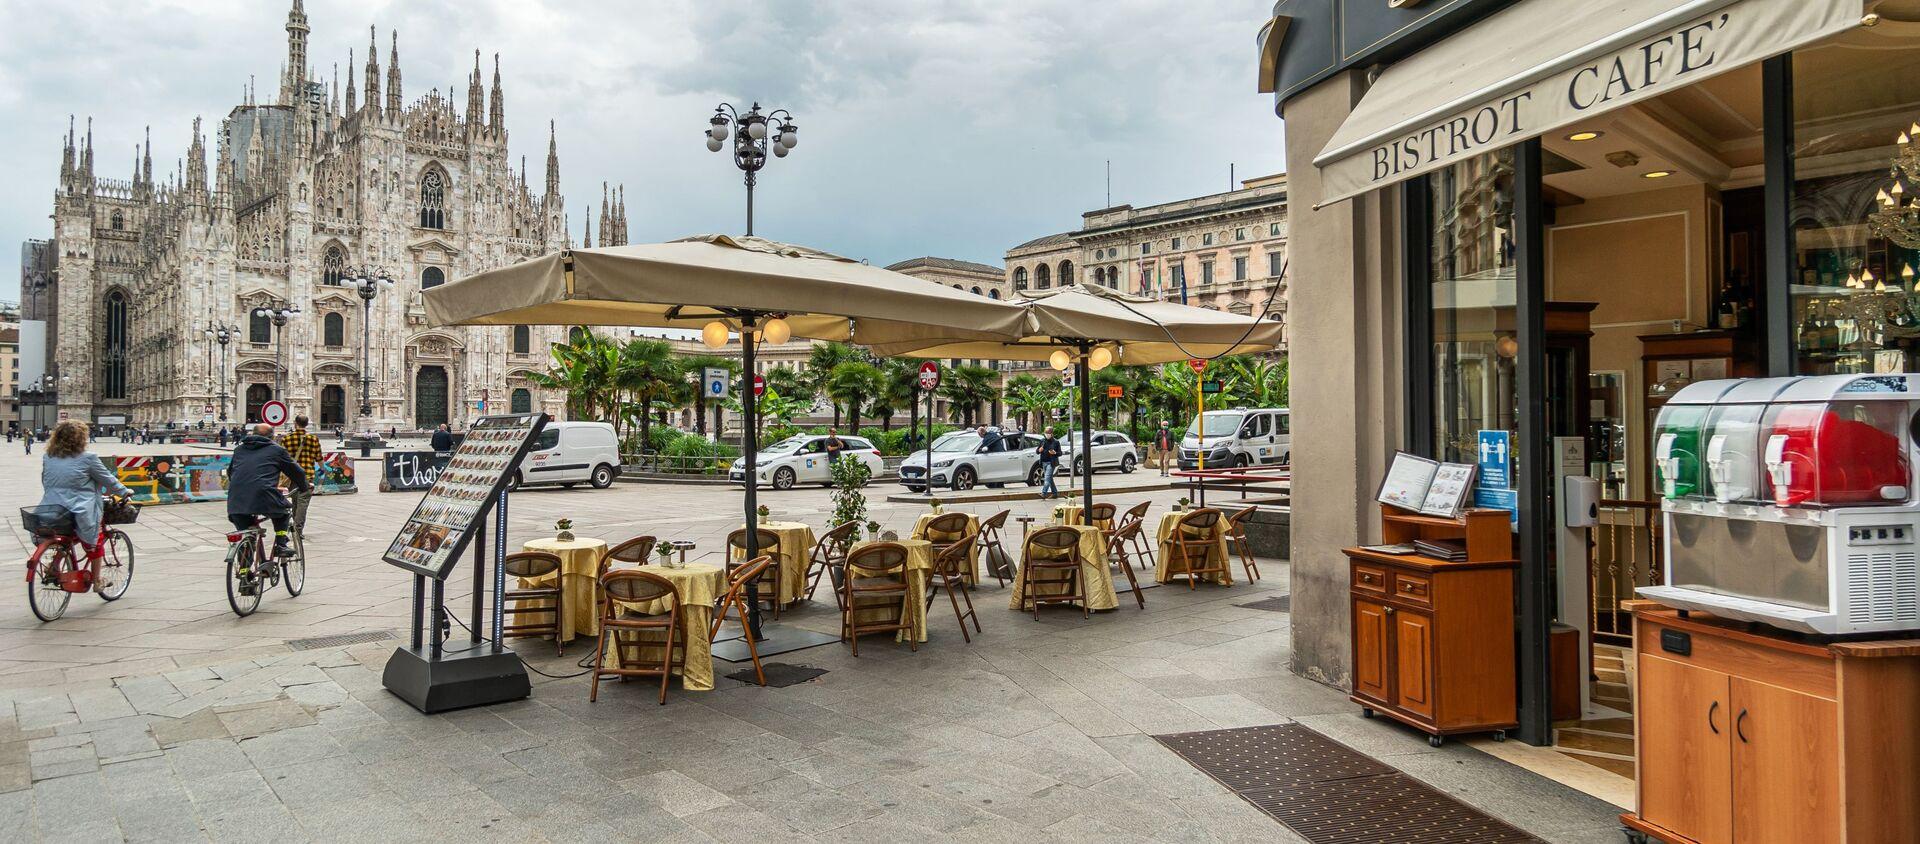 Kawiarnia w Mediolanie, Włochy - Sputnik Polska, 1920, 04.05.2021